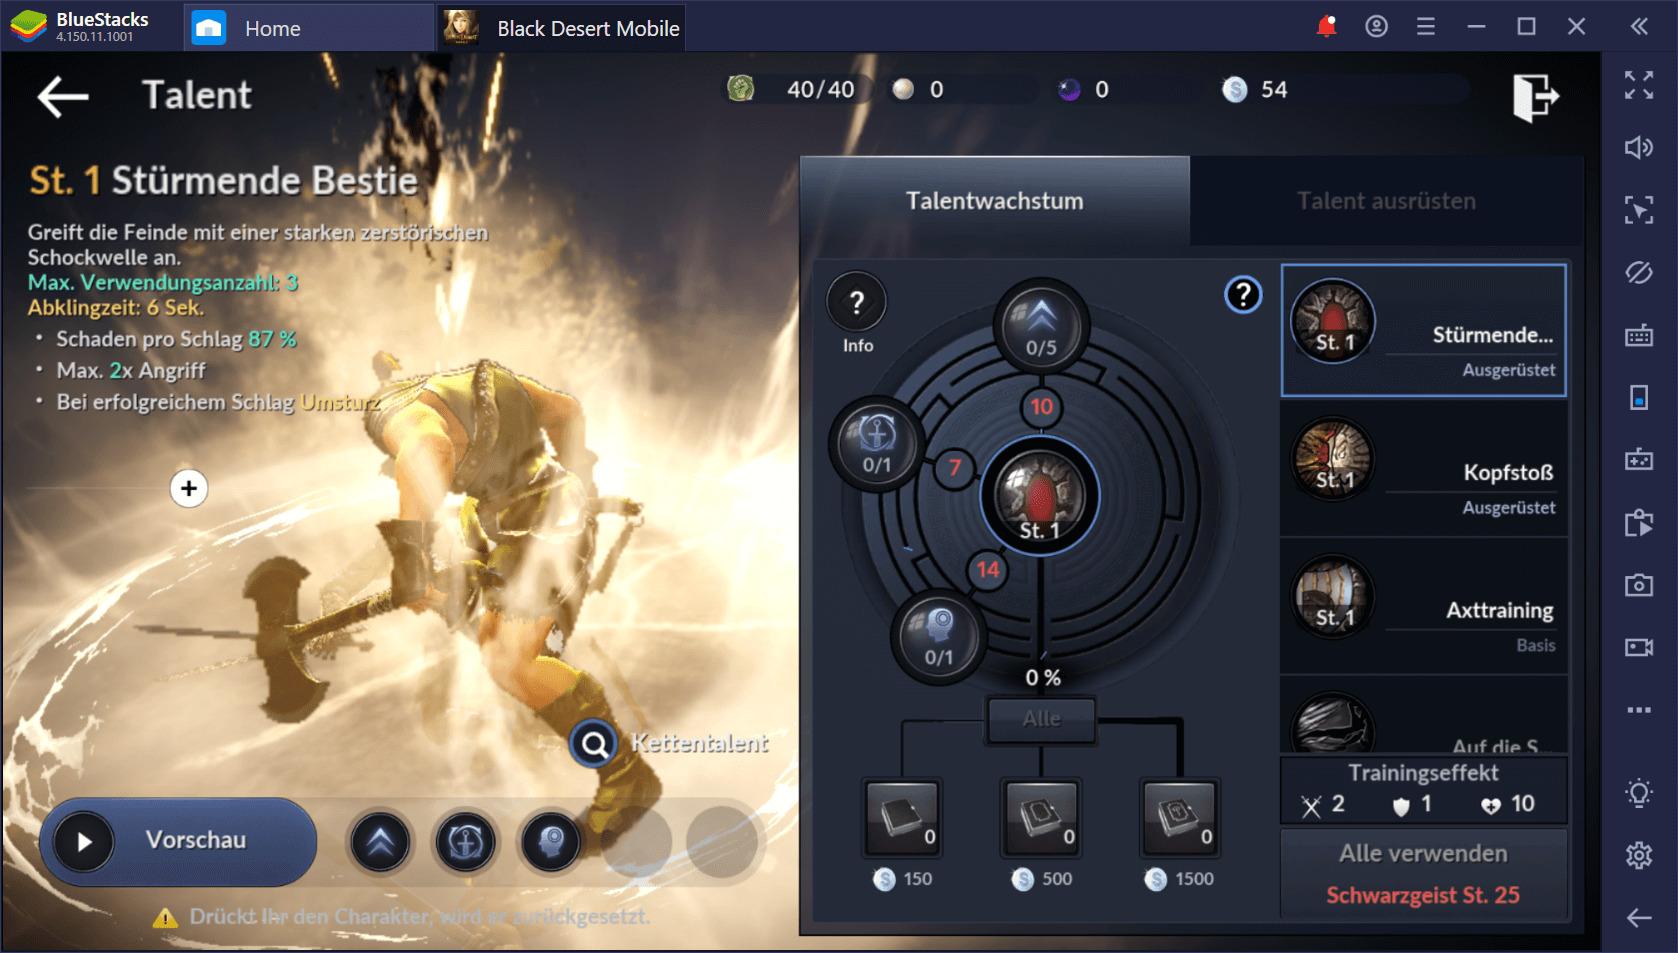 Black Desert Mobile auf dem PC: Welche Klasse solltest du wählen?